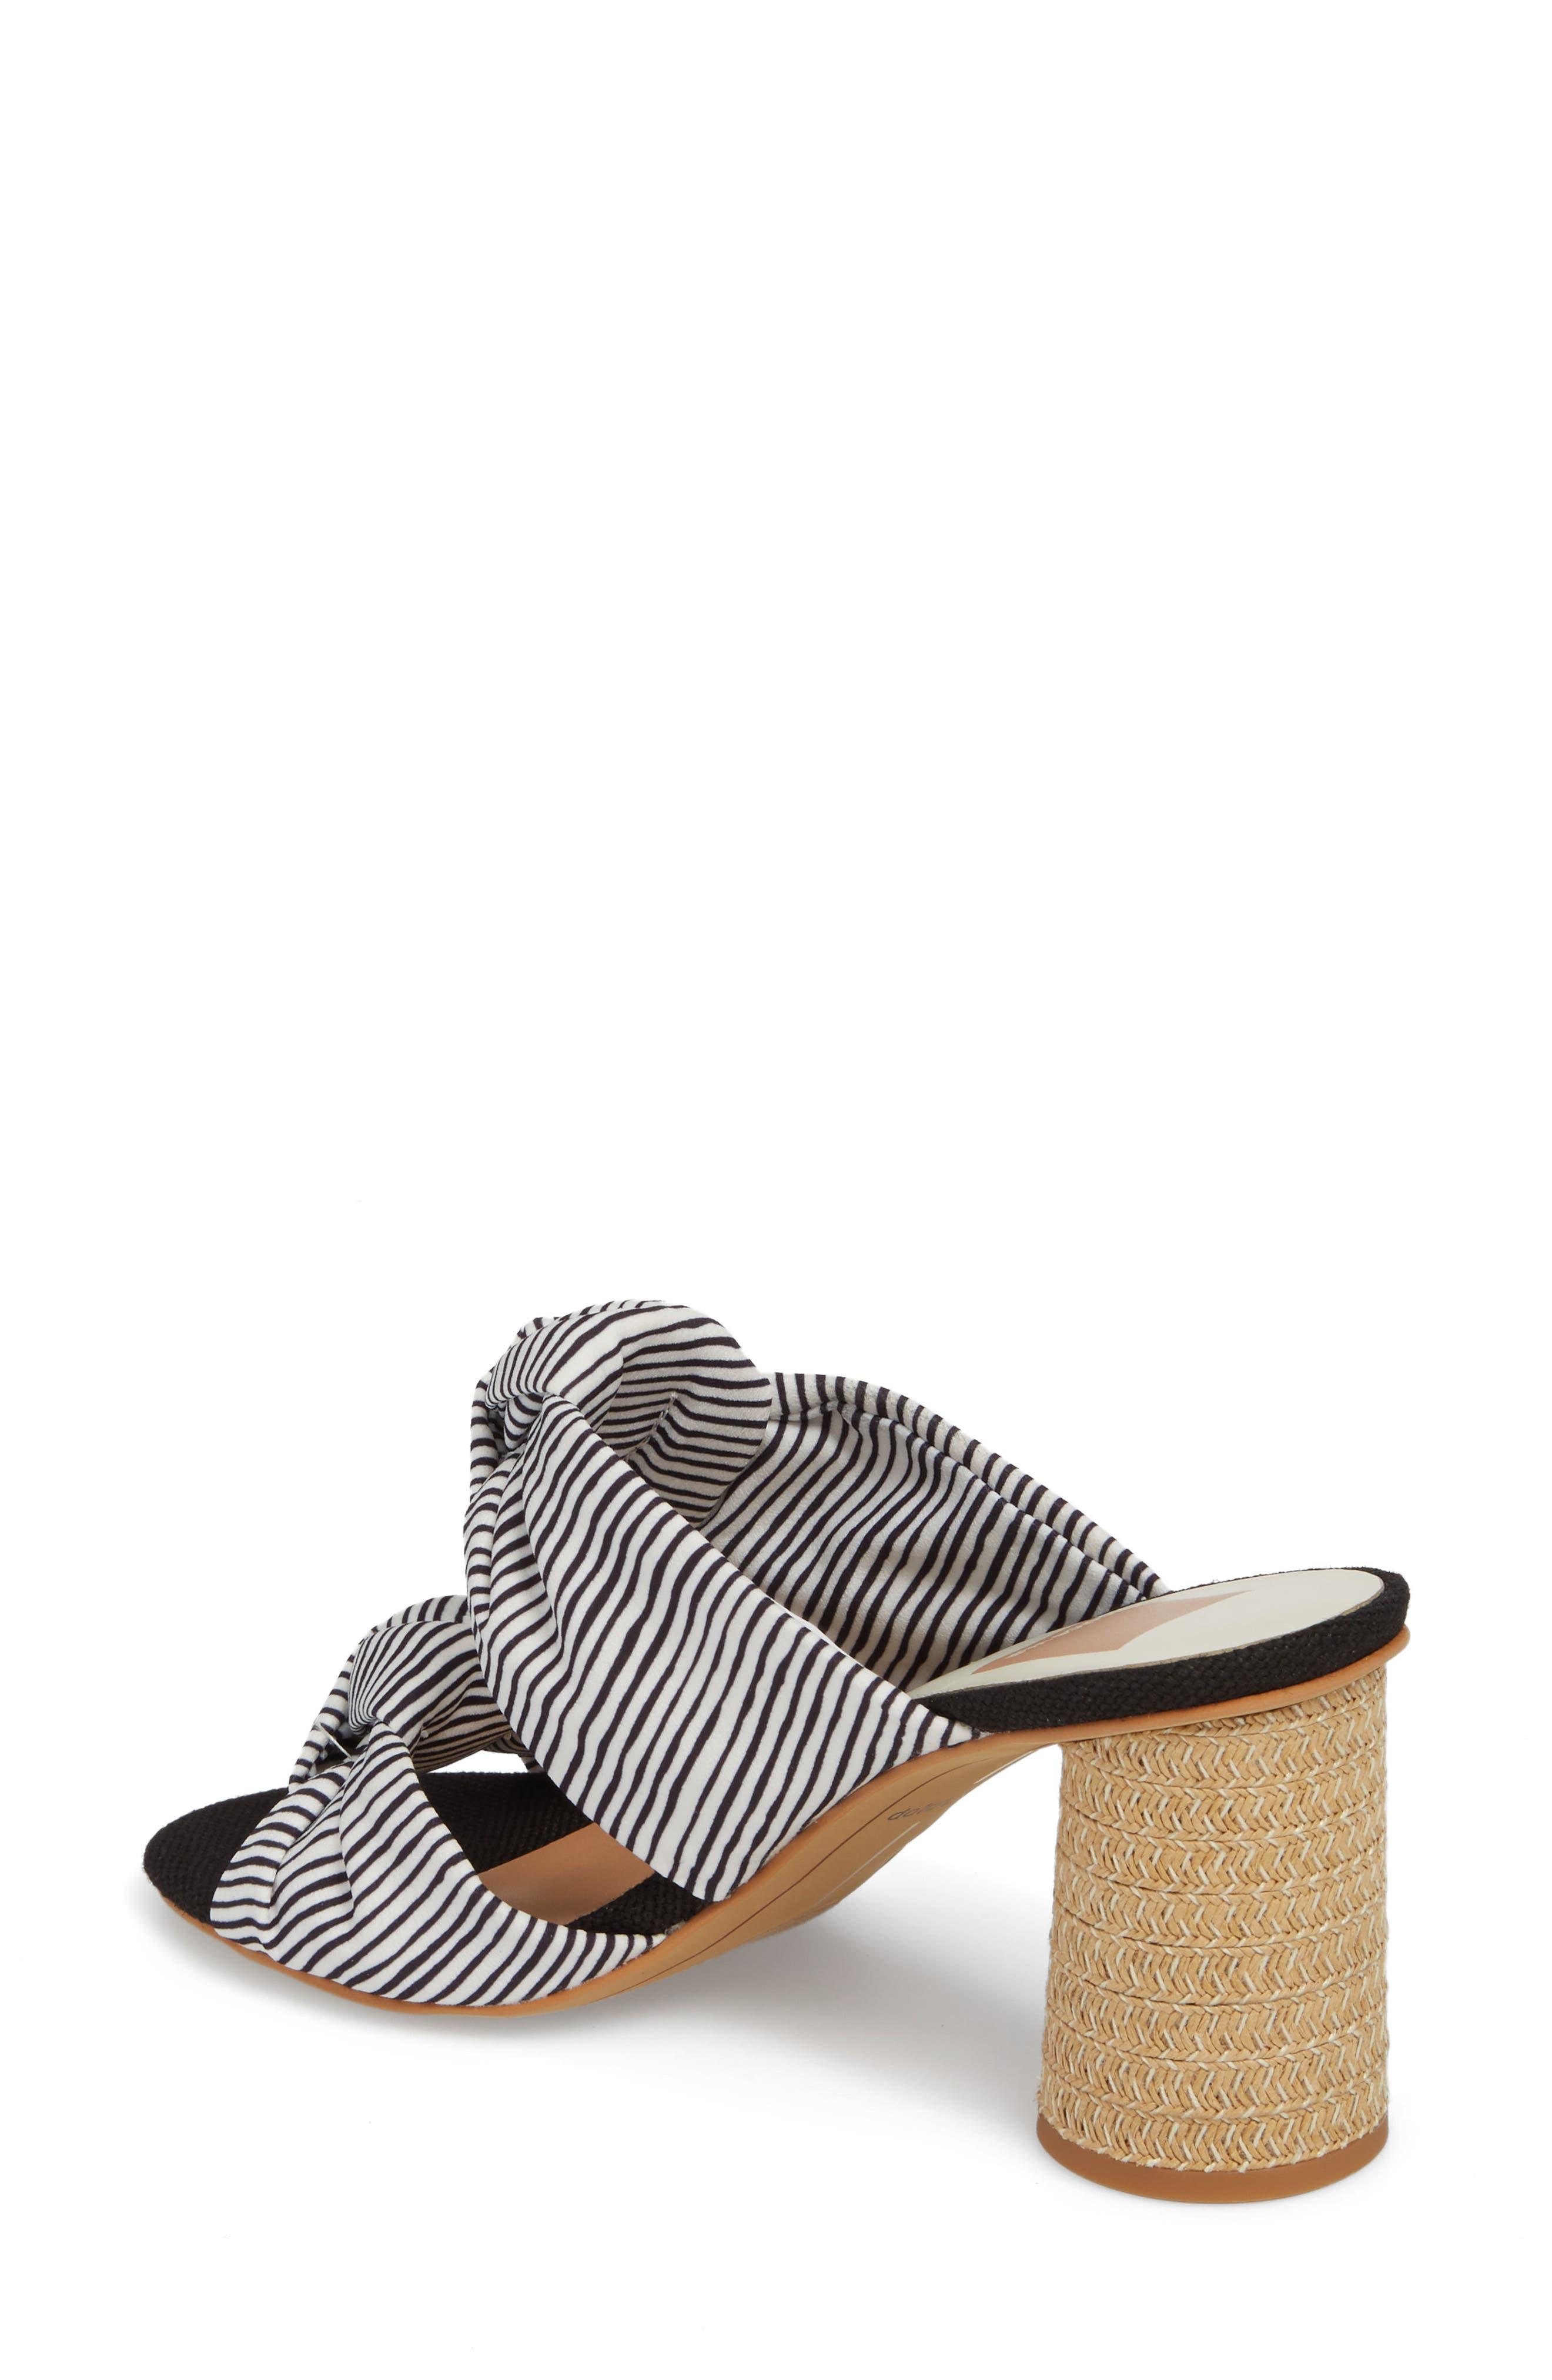 Jene Double Knot Sandal,                             Alternate thumbnail 2, color,                             White Stripe